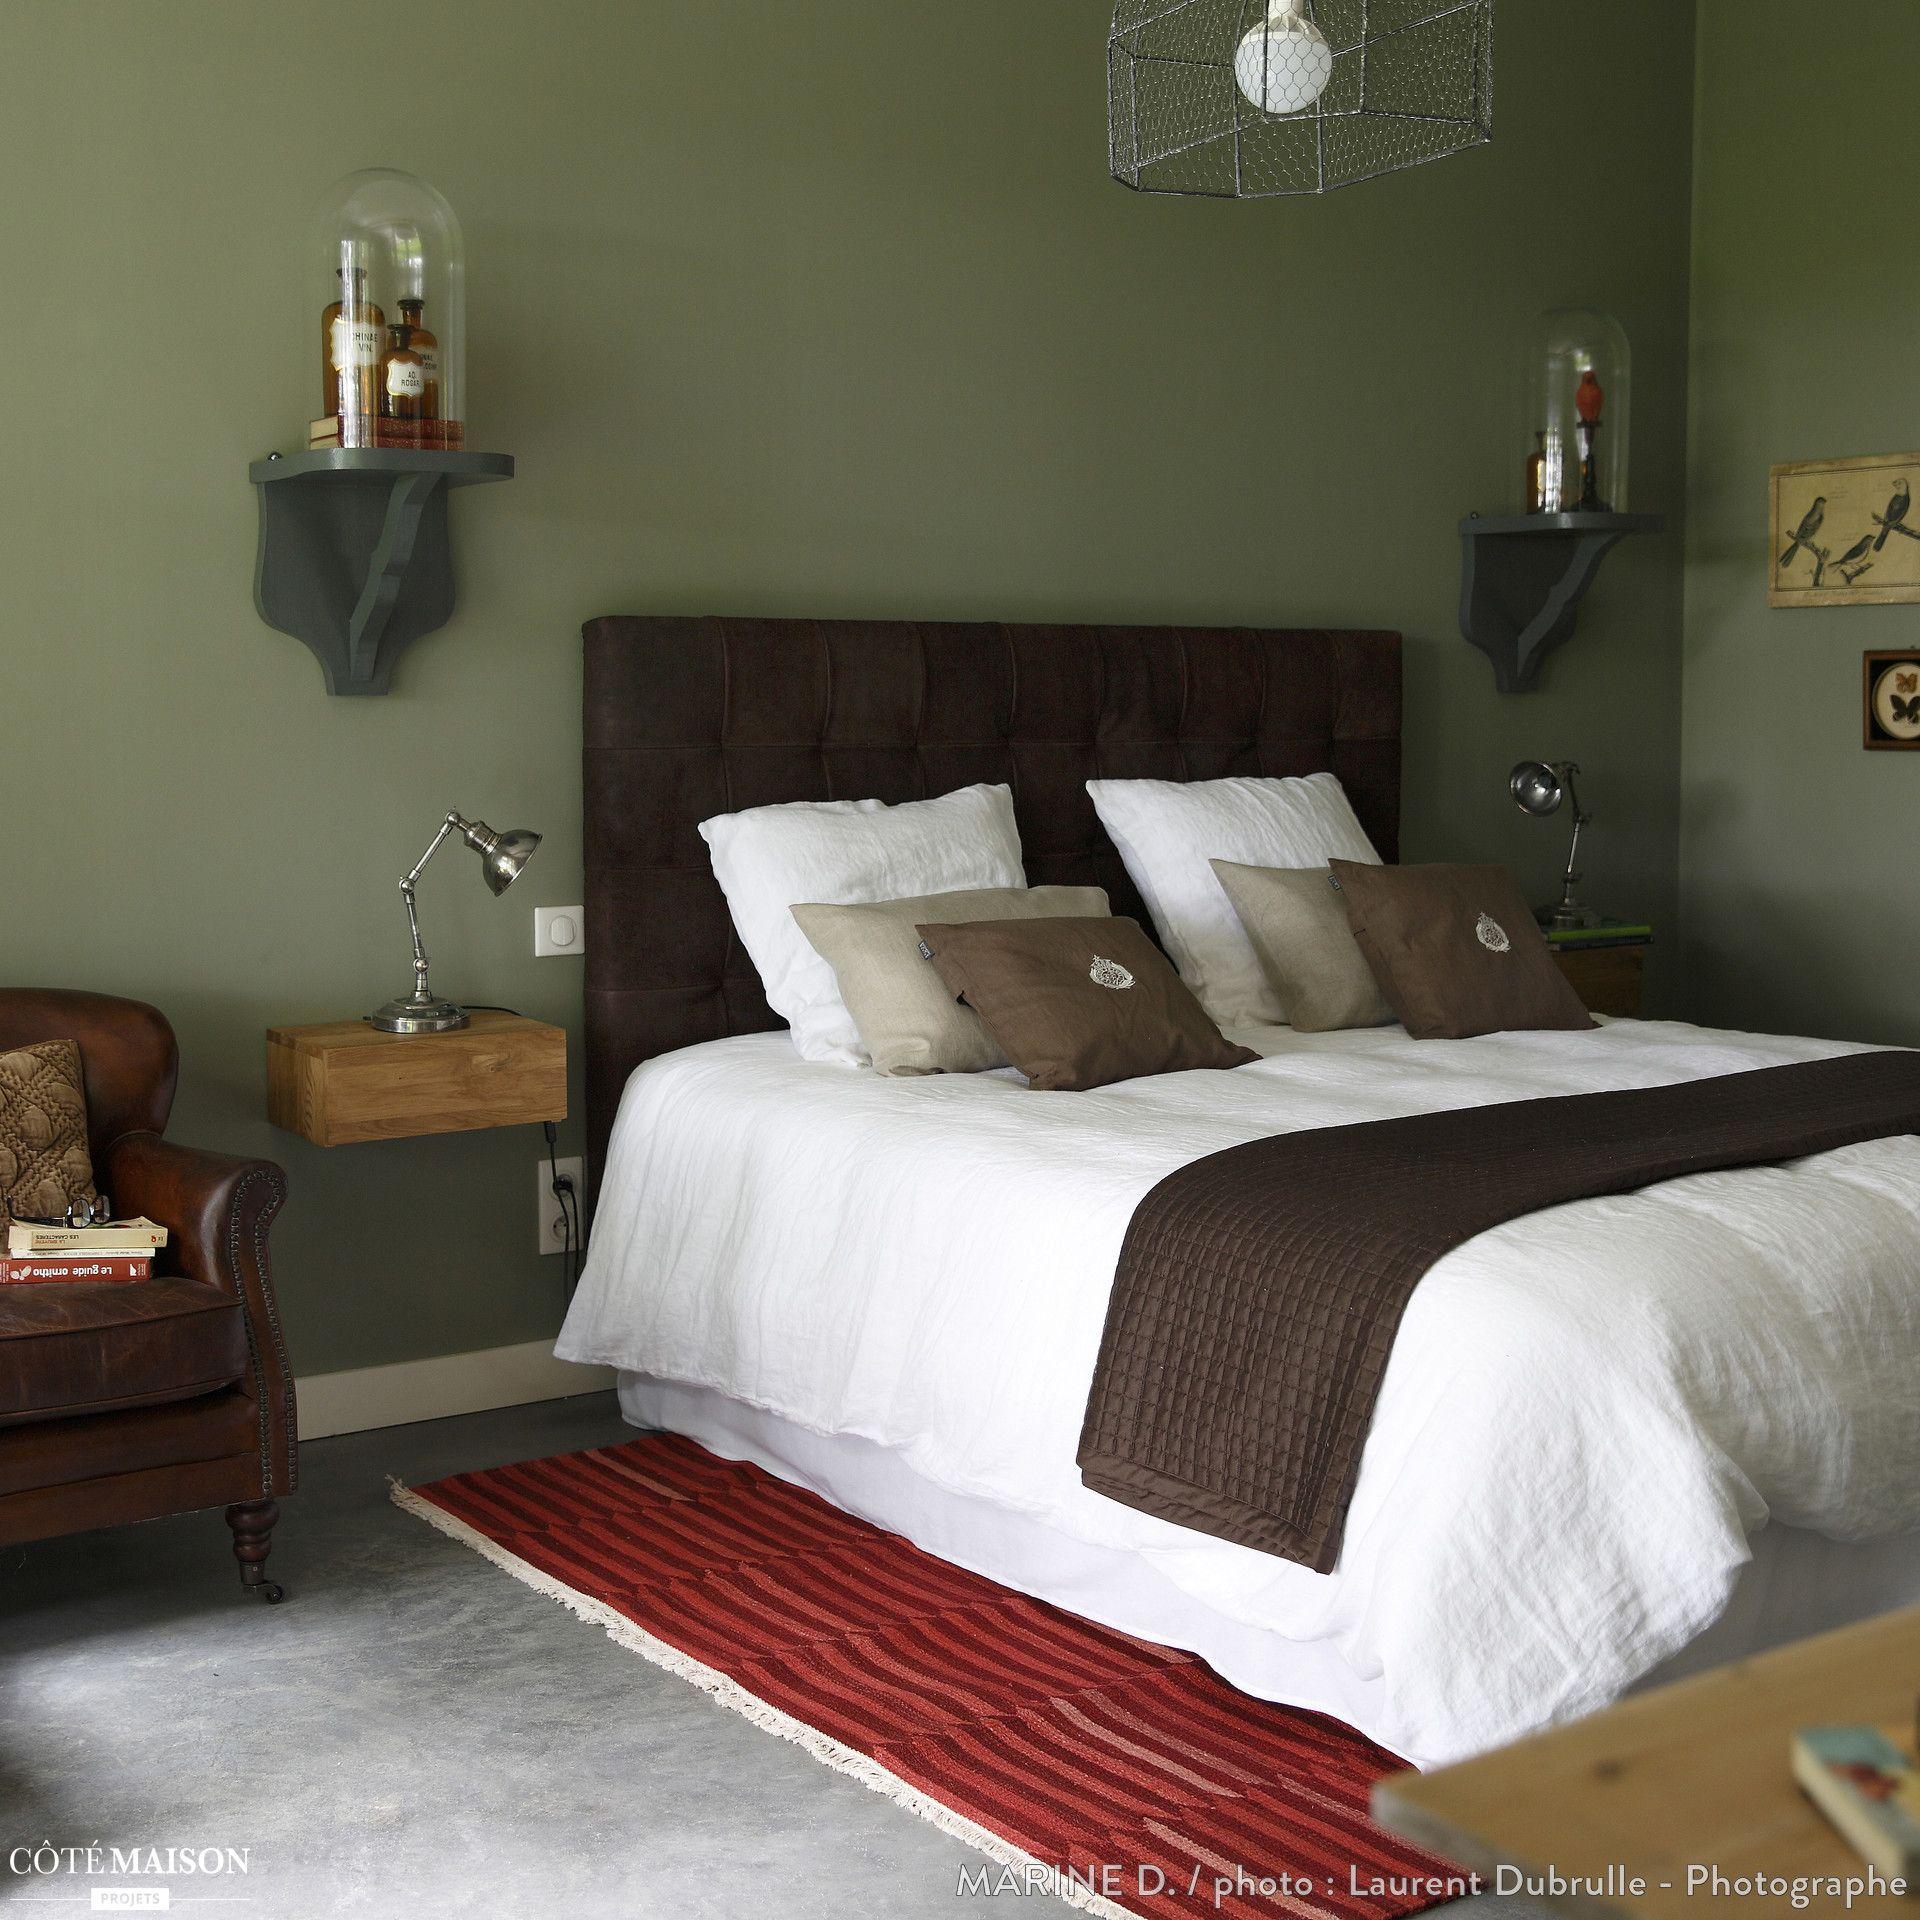 une chambre au mur vert kaki mignon pinterest mat riaux naturels. Black Bedroom Furniture Sets. Home Design Ideas